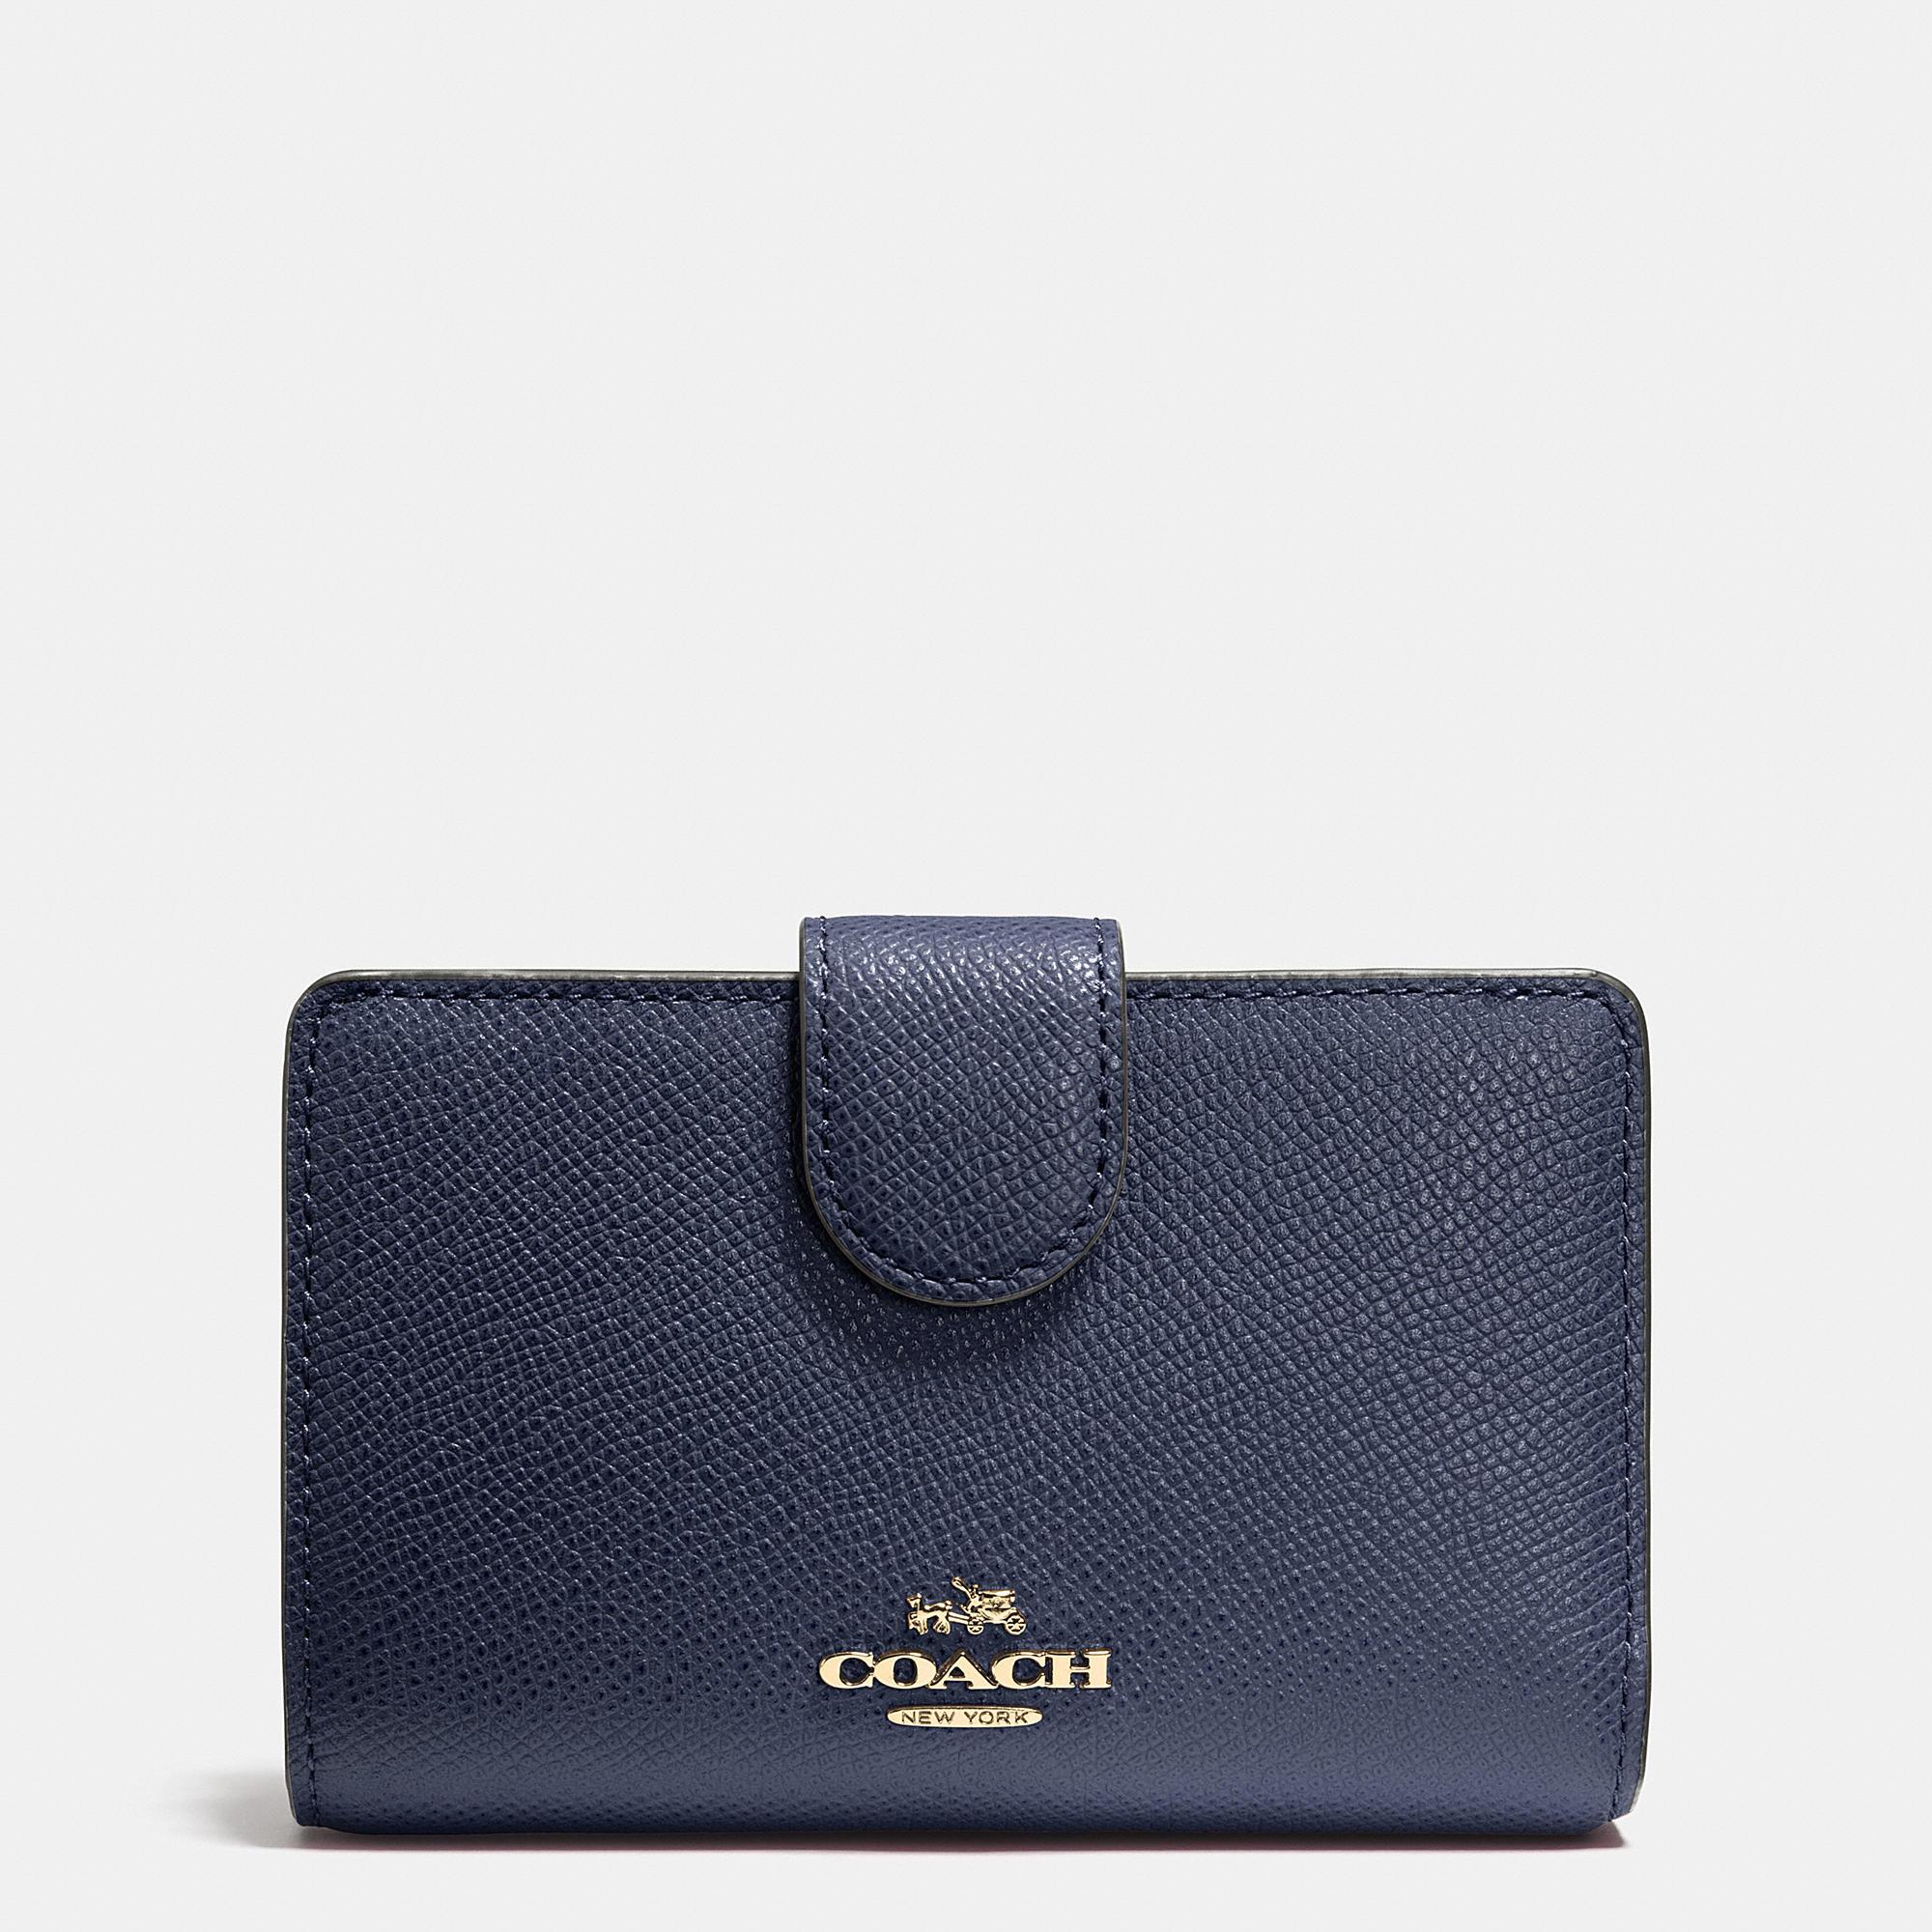 Coach Medium Zip Around Wallet In Crossgrain Leather In